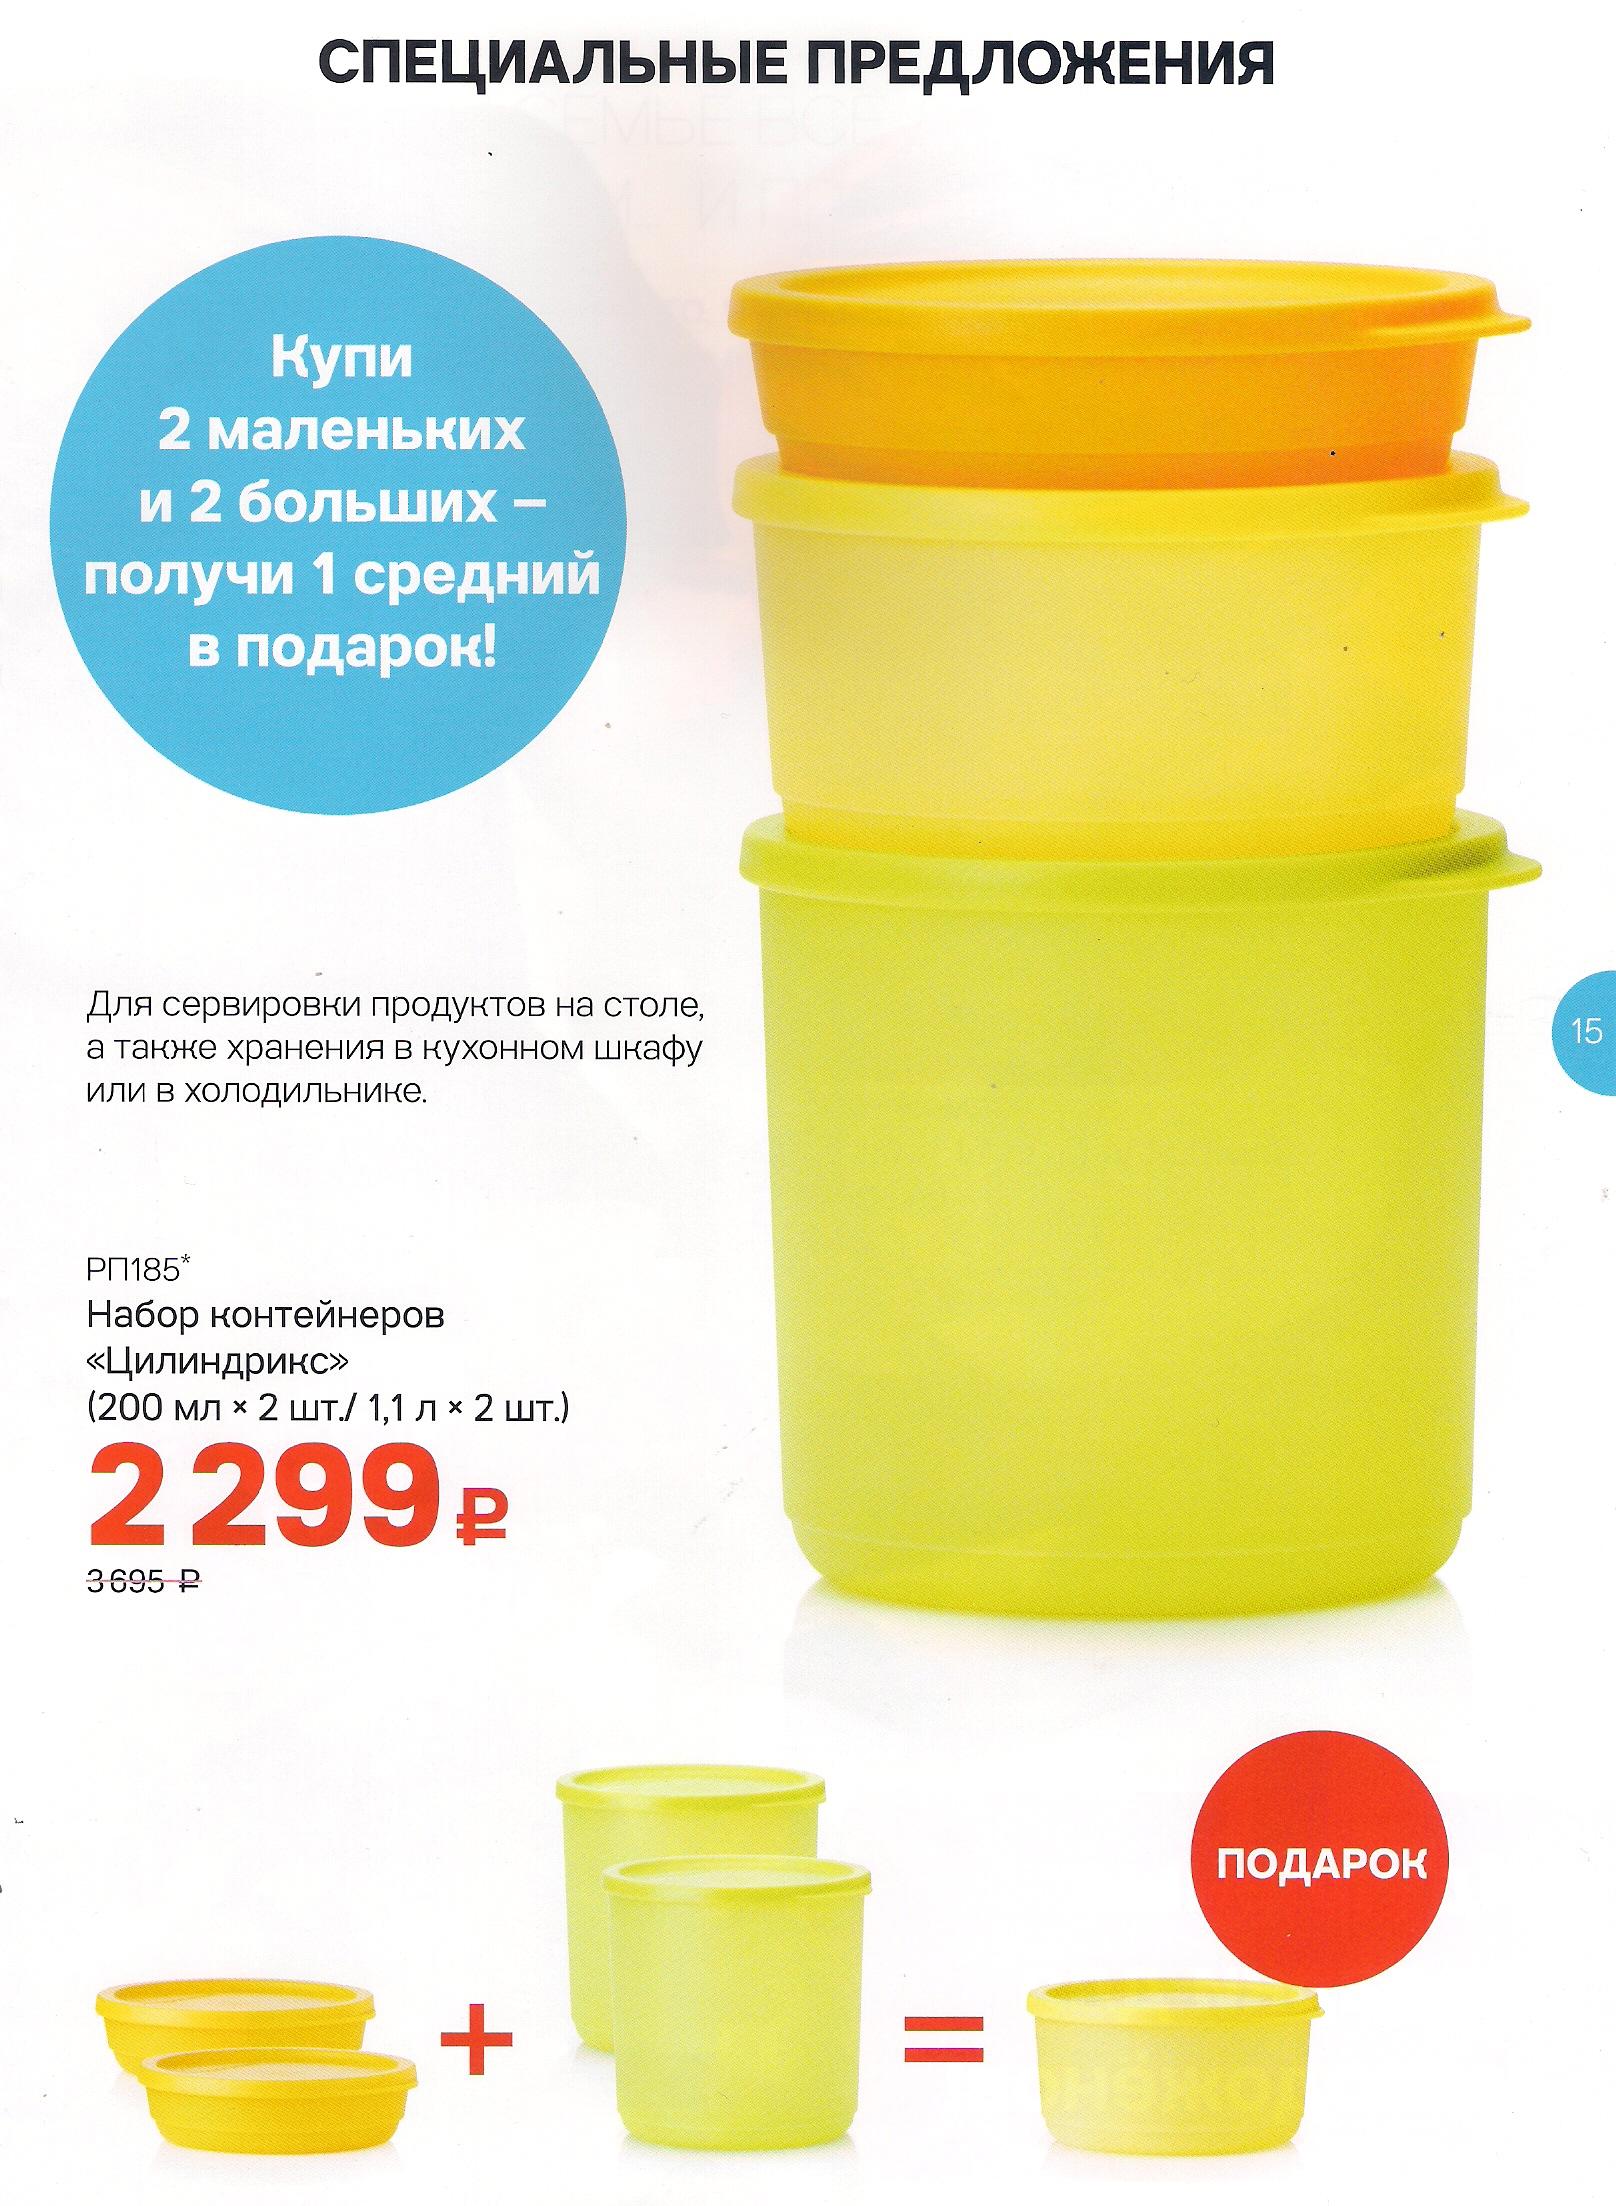 http://tupperware-online.ru/images/upload/10m.jpg